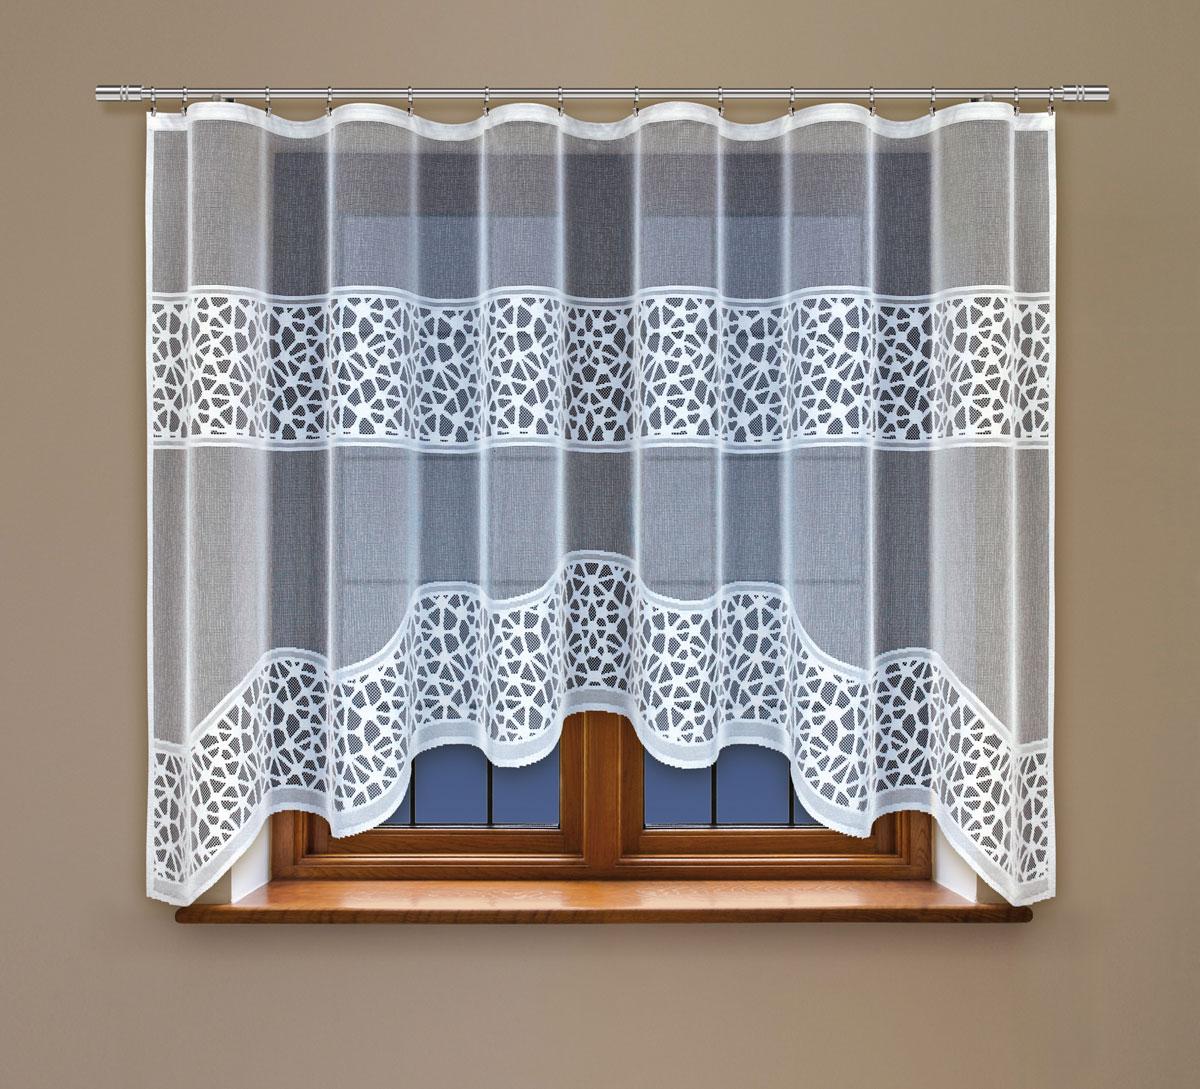 Гардина Haft, на ленте, цвет: белый, высота 160 см. 222360222360/160Гардина Haft, изготовленная из полиэстера, станет великолепным украшением любого окна. Тонкое плетение и оригинальный дизайн привлекут к себе внимание. Изделие органично впишется в интерьер. Гардина крепится на карниз при помощи ленты, которая поможет красиво и равномерно задрапировать верх.